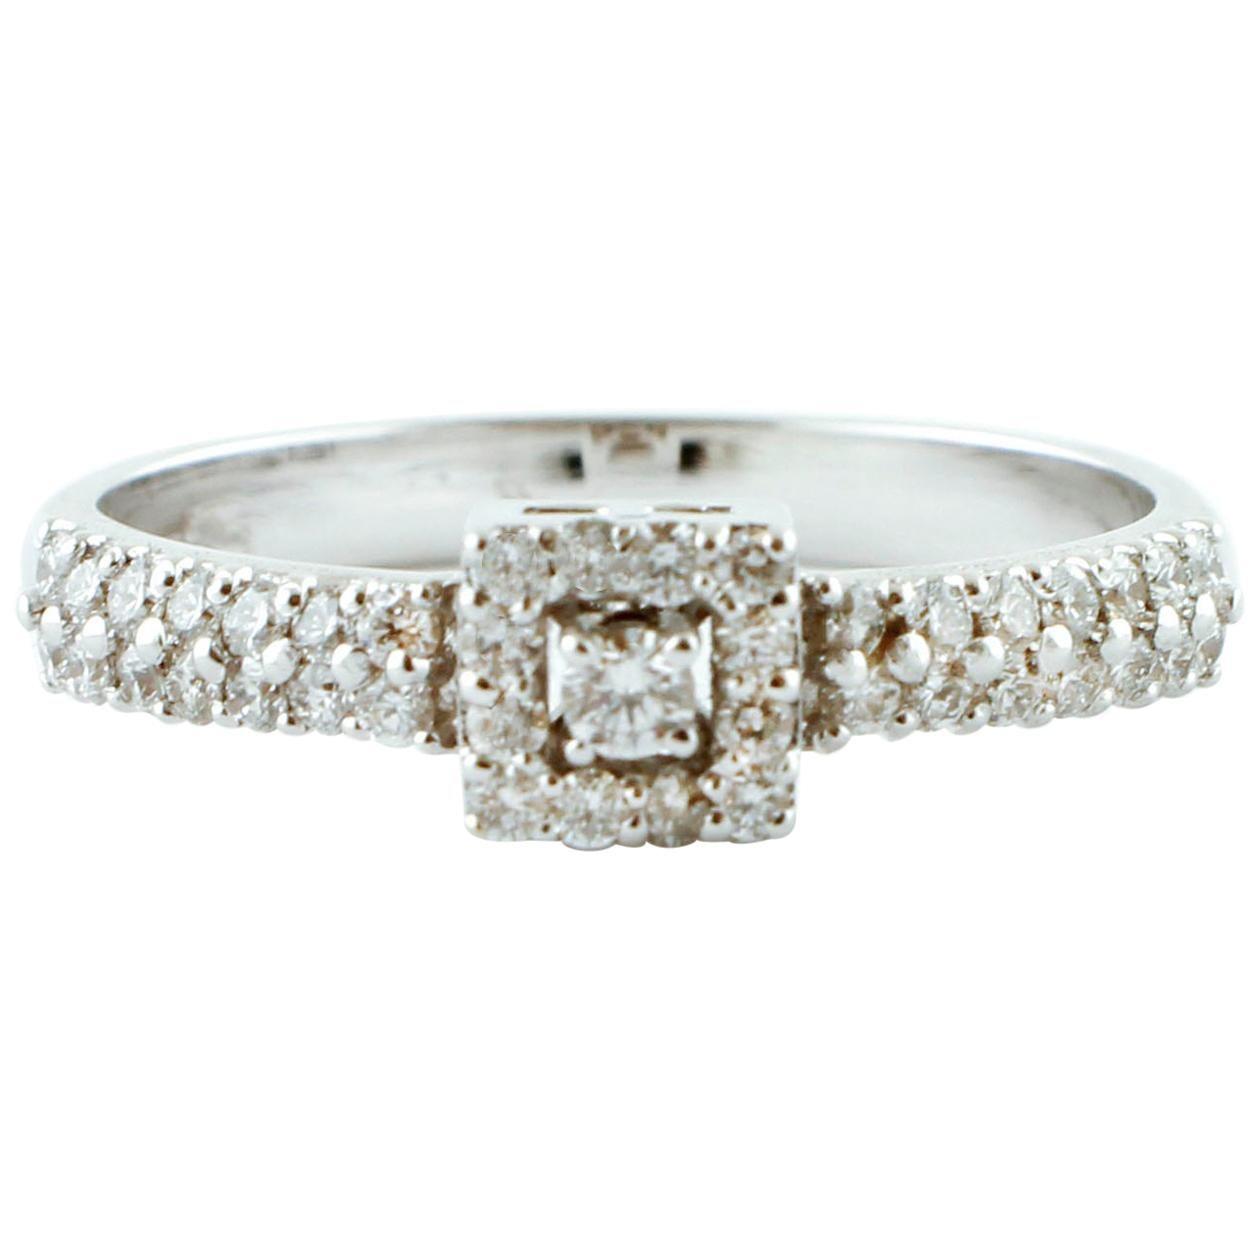 Diamonds, 18 Karat White Gold Engagement Ring